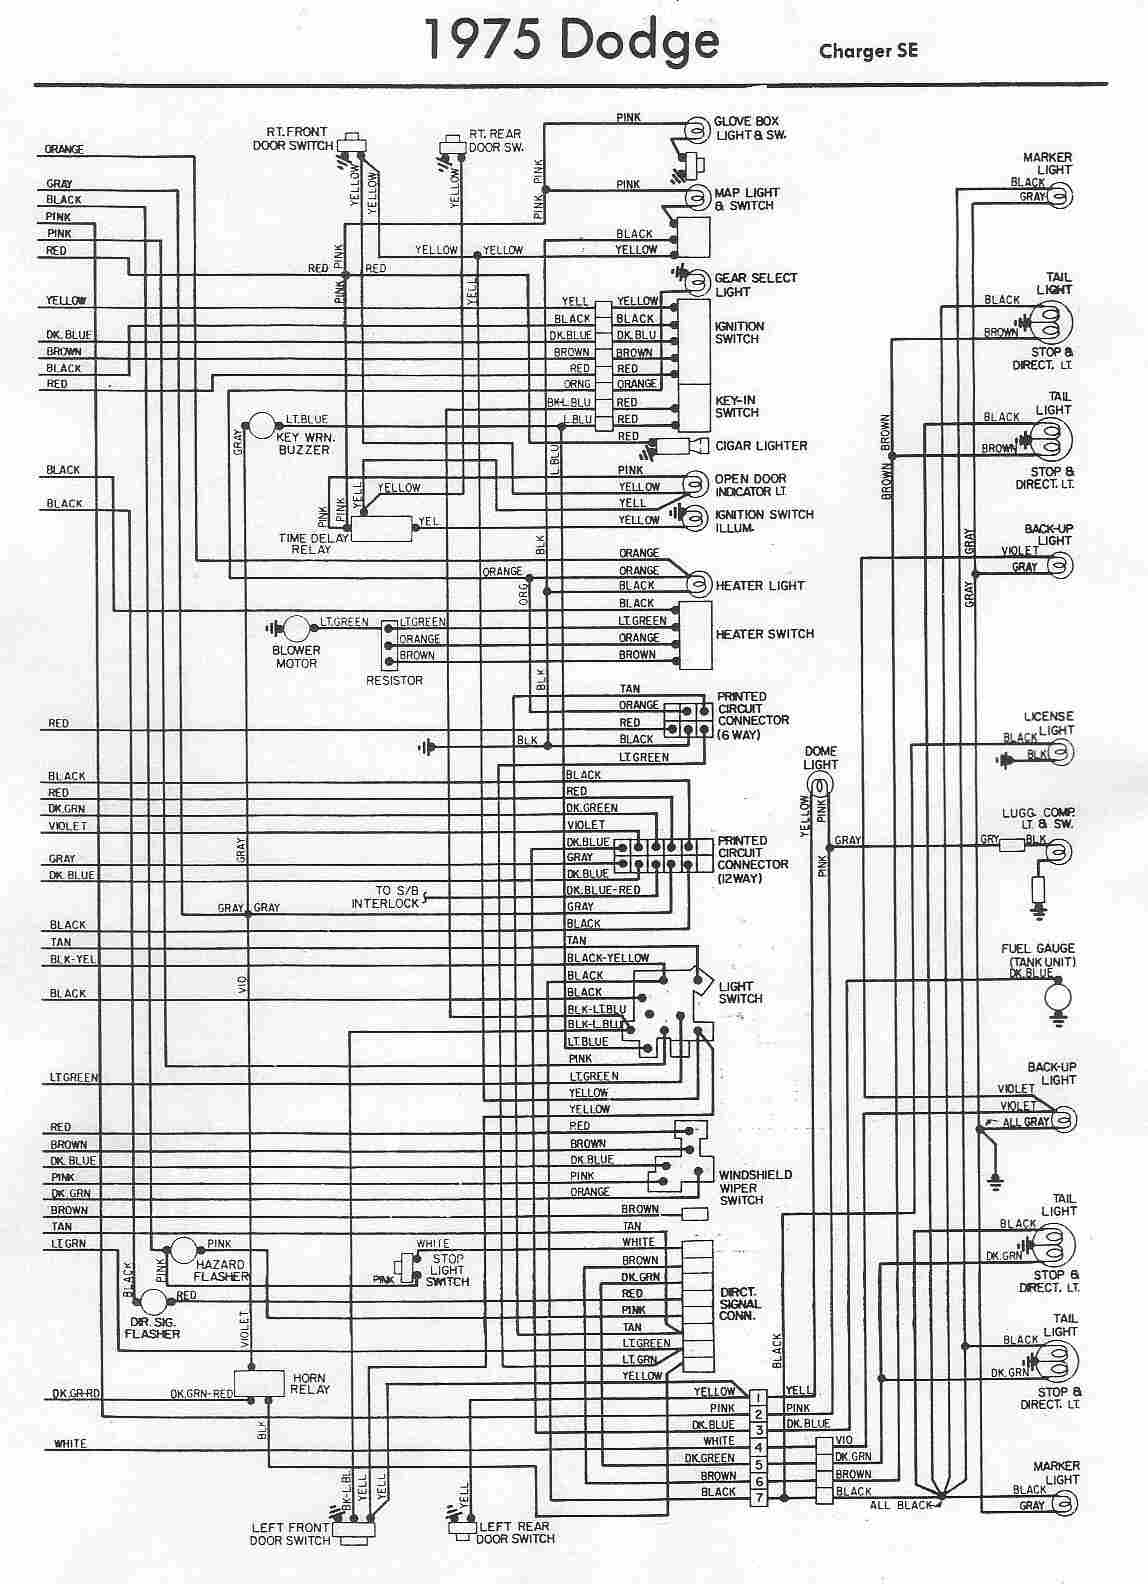 1989 Dodge 350 Van Wiring Diagram Worksheet And 2005 Caravan Diagrams 1987 D100 Online Schematics Rh Delvato Co 2006 Grand